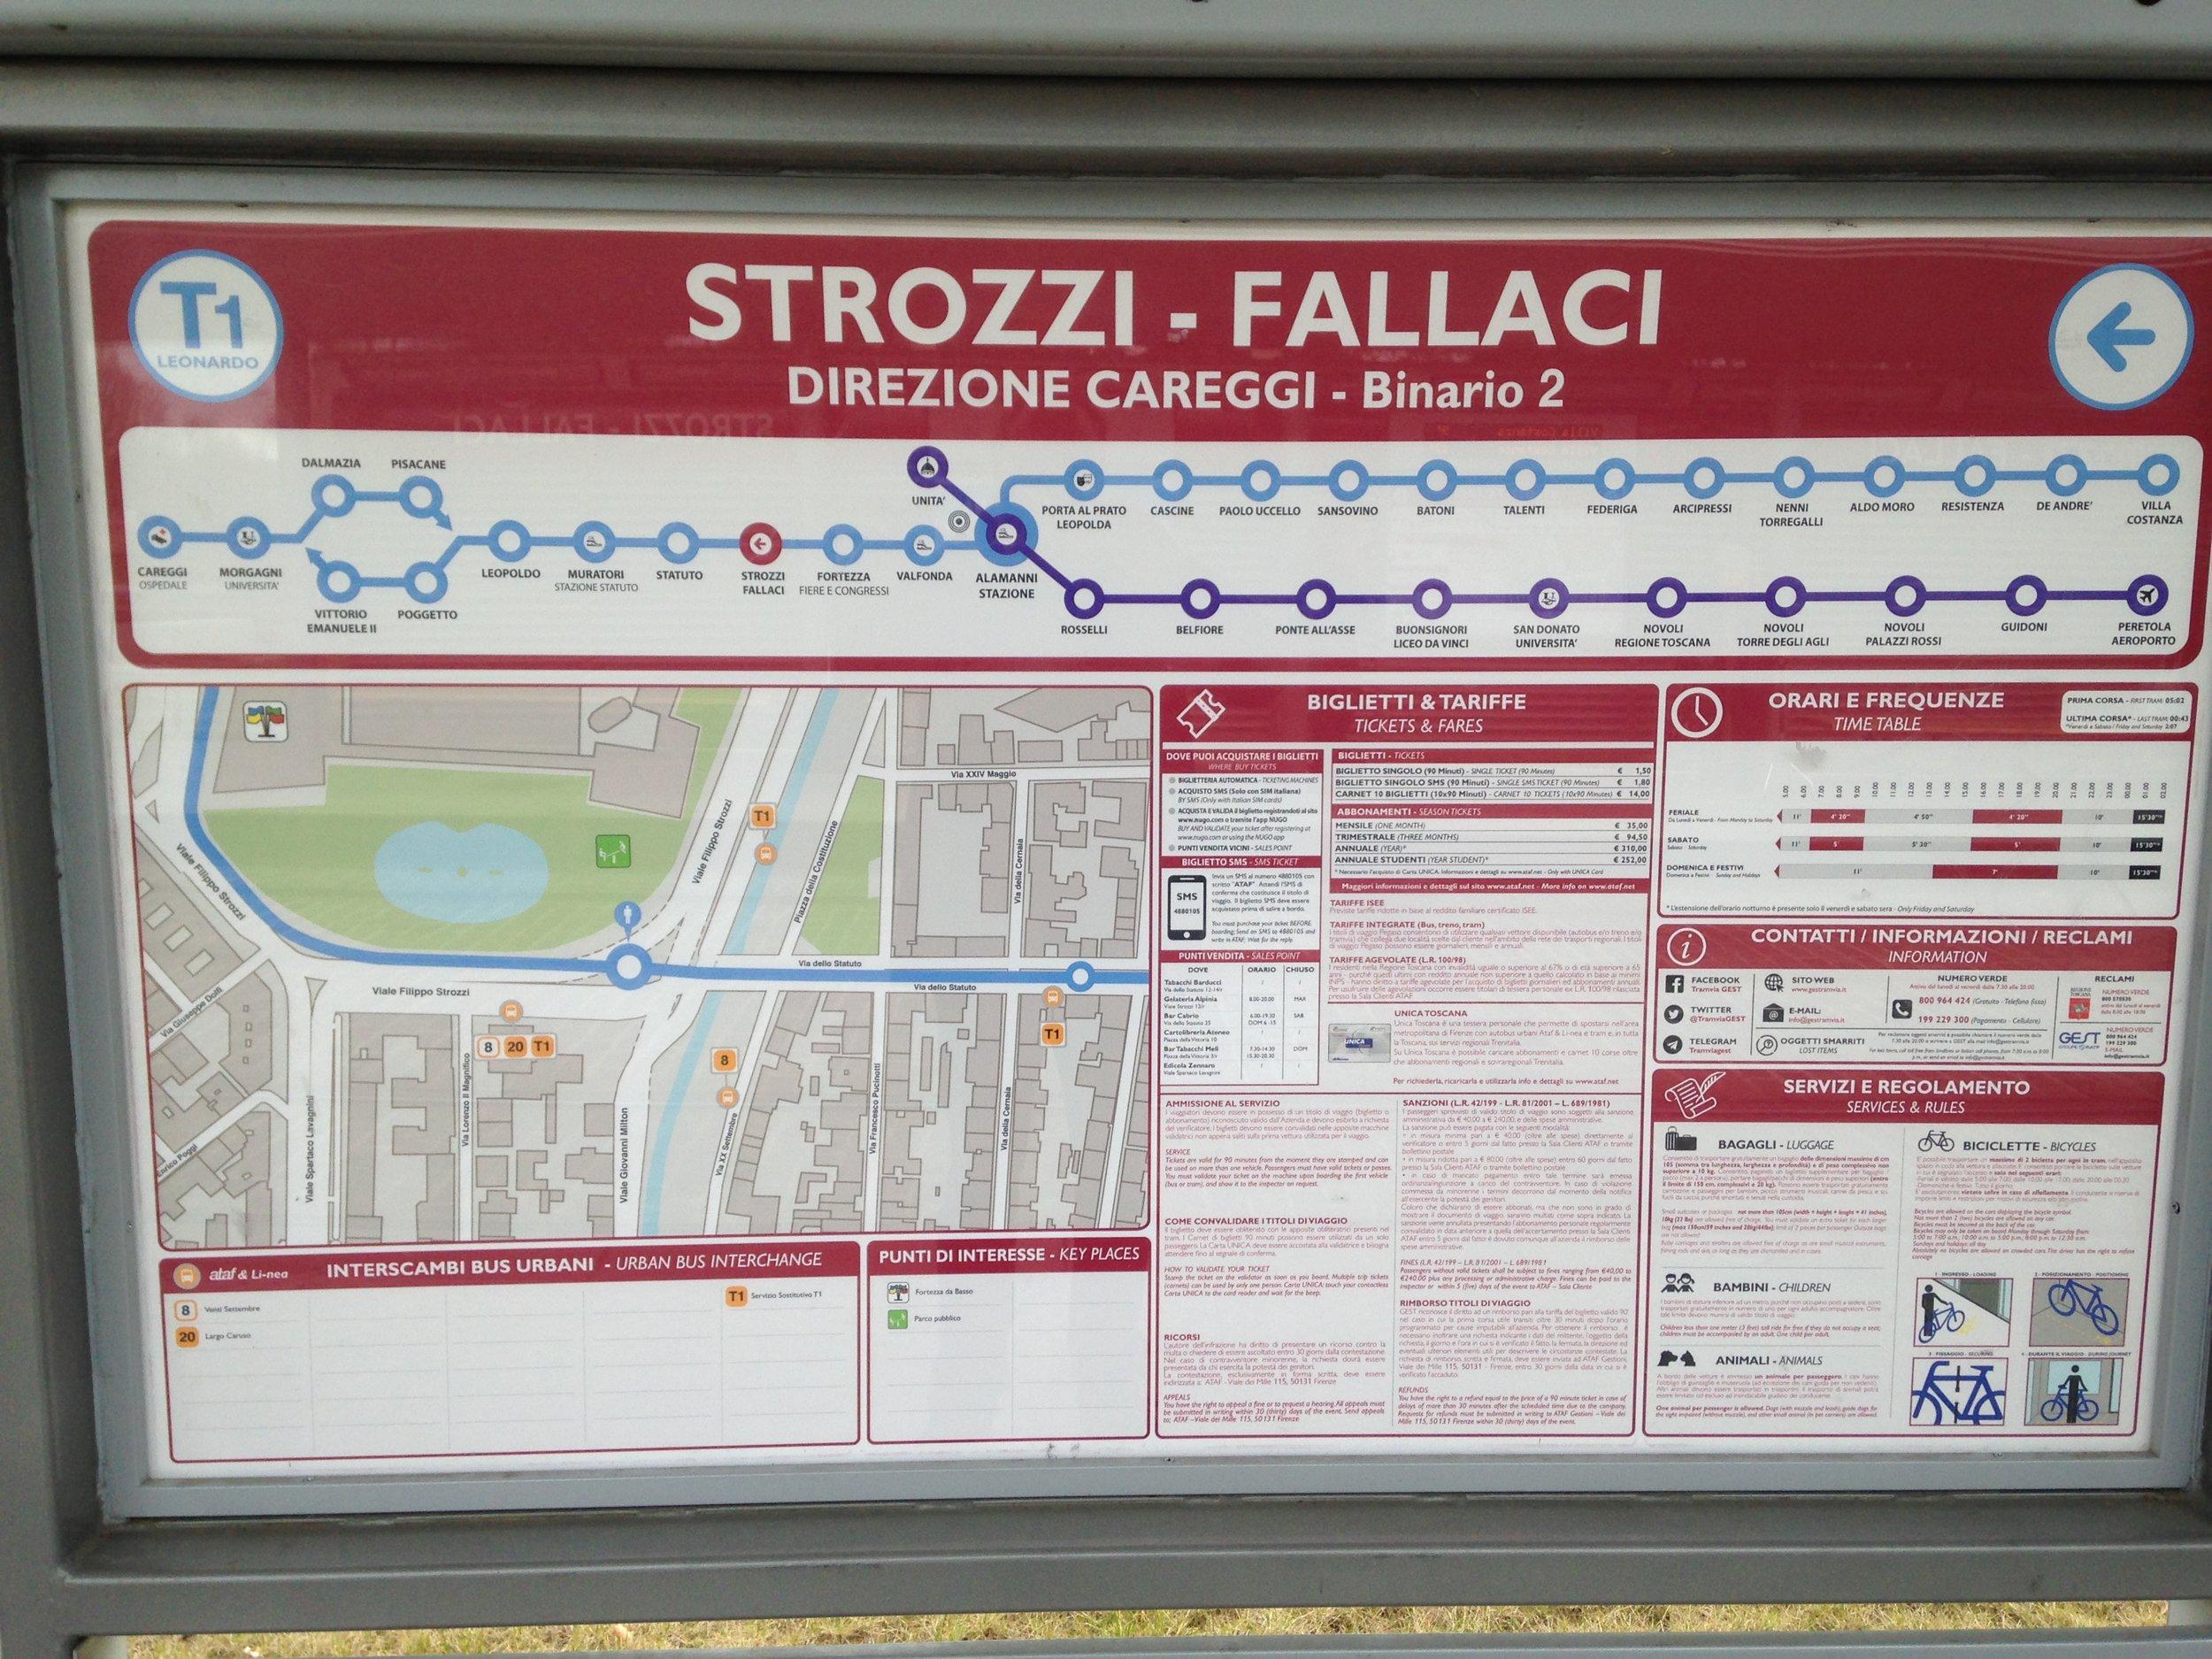 Firenze Tram map